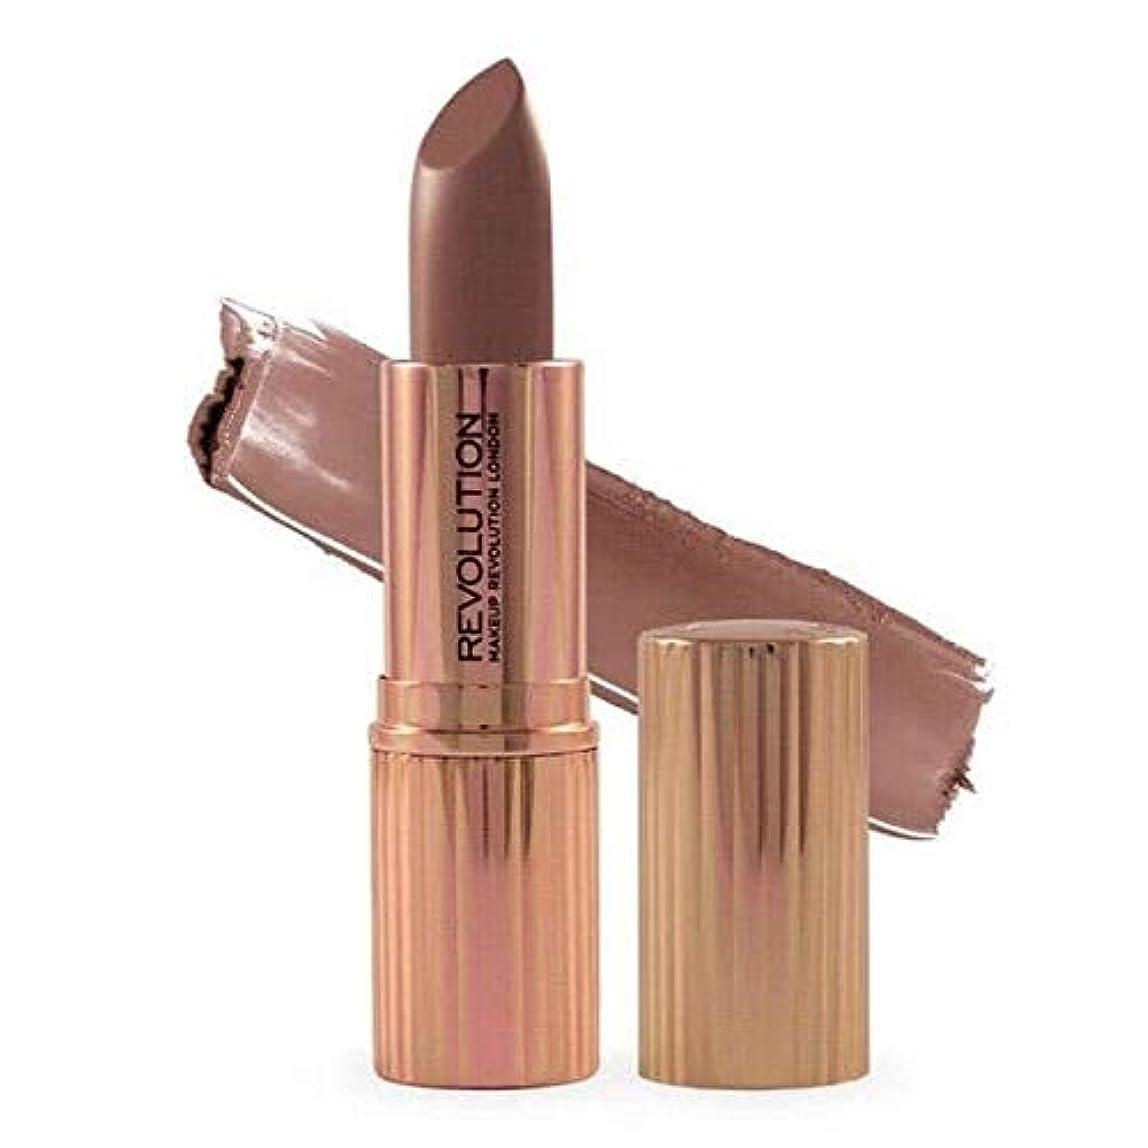 不利益セメント桁[Revolution ] 革命ルネサンス口紅の誓い - Revolution Renaissance Lipstick Vow [並行輸入品]